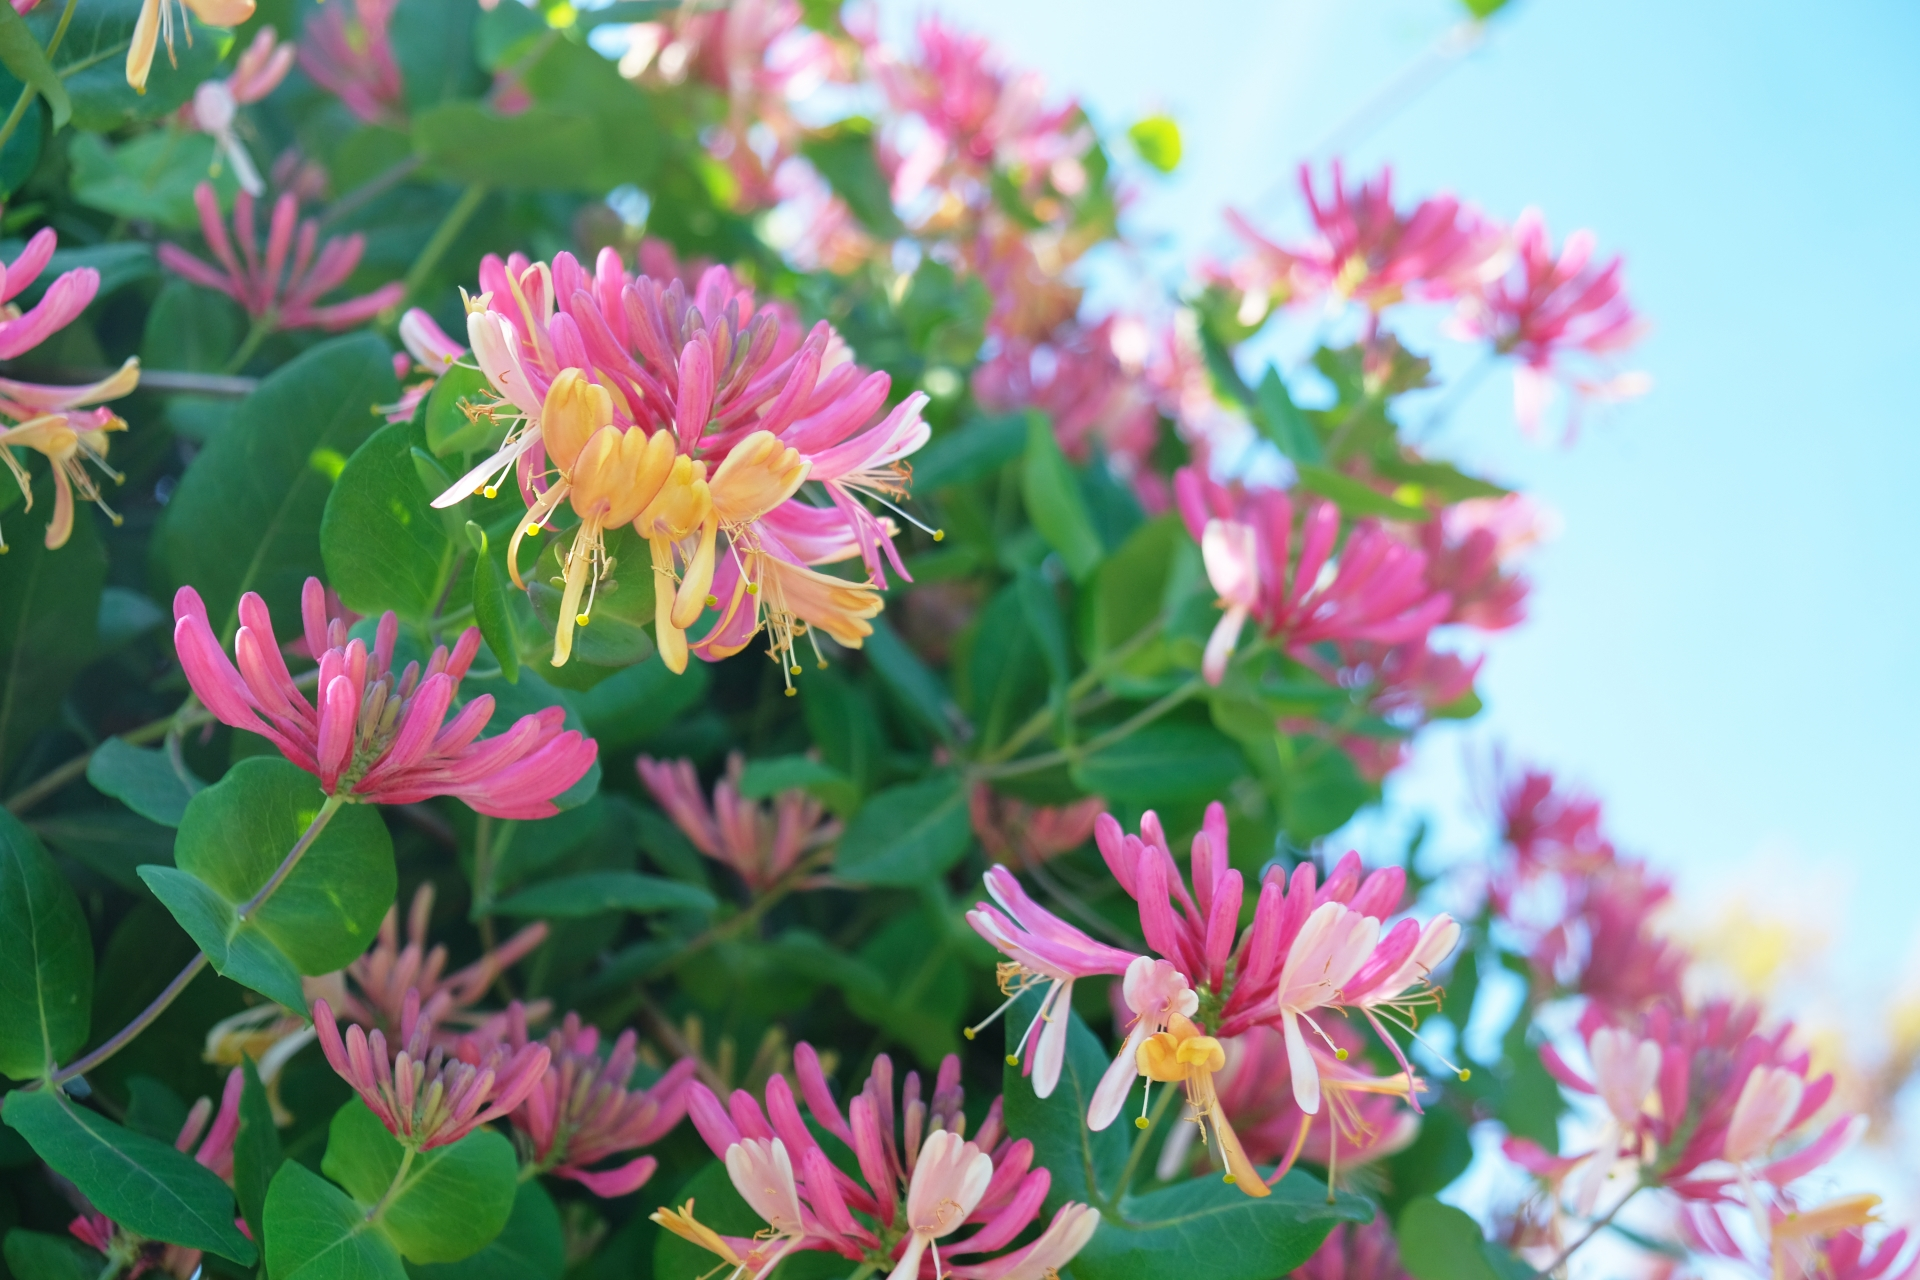 ガーデン用品屋さんの花図鑑 ロニセラ